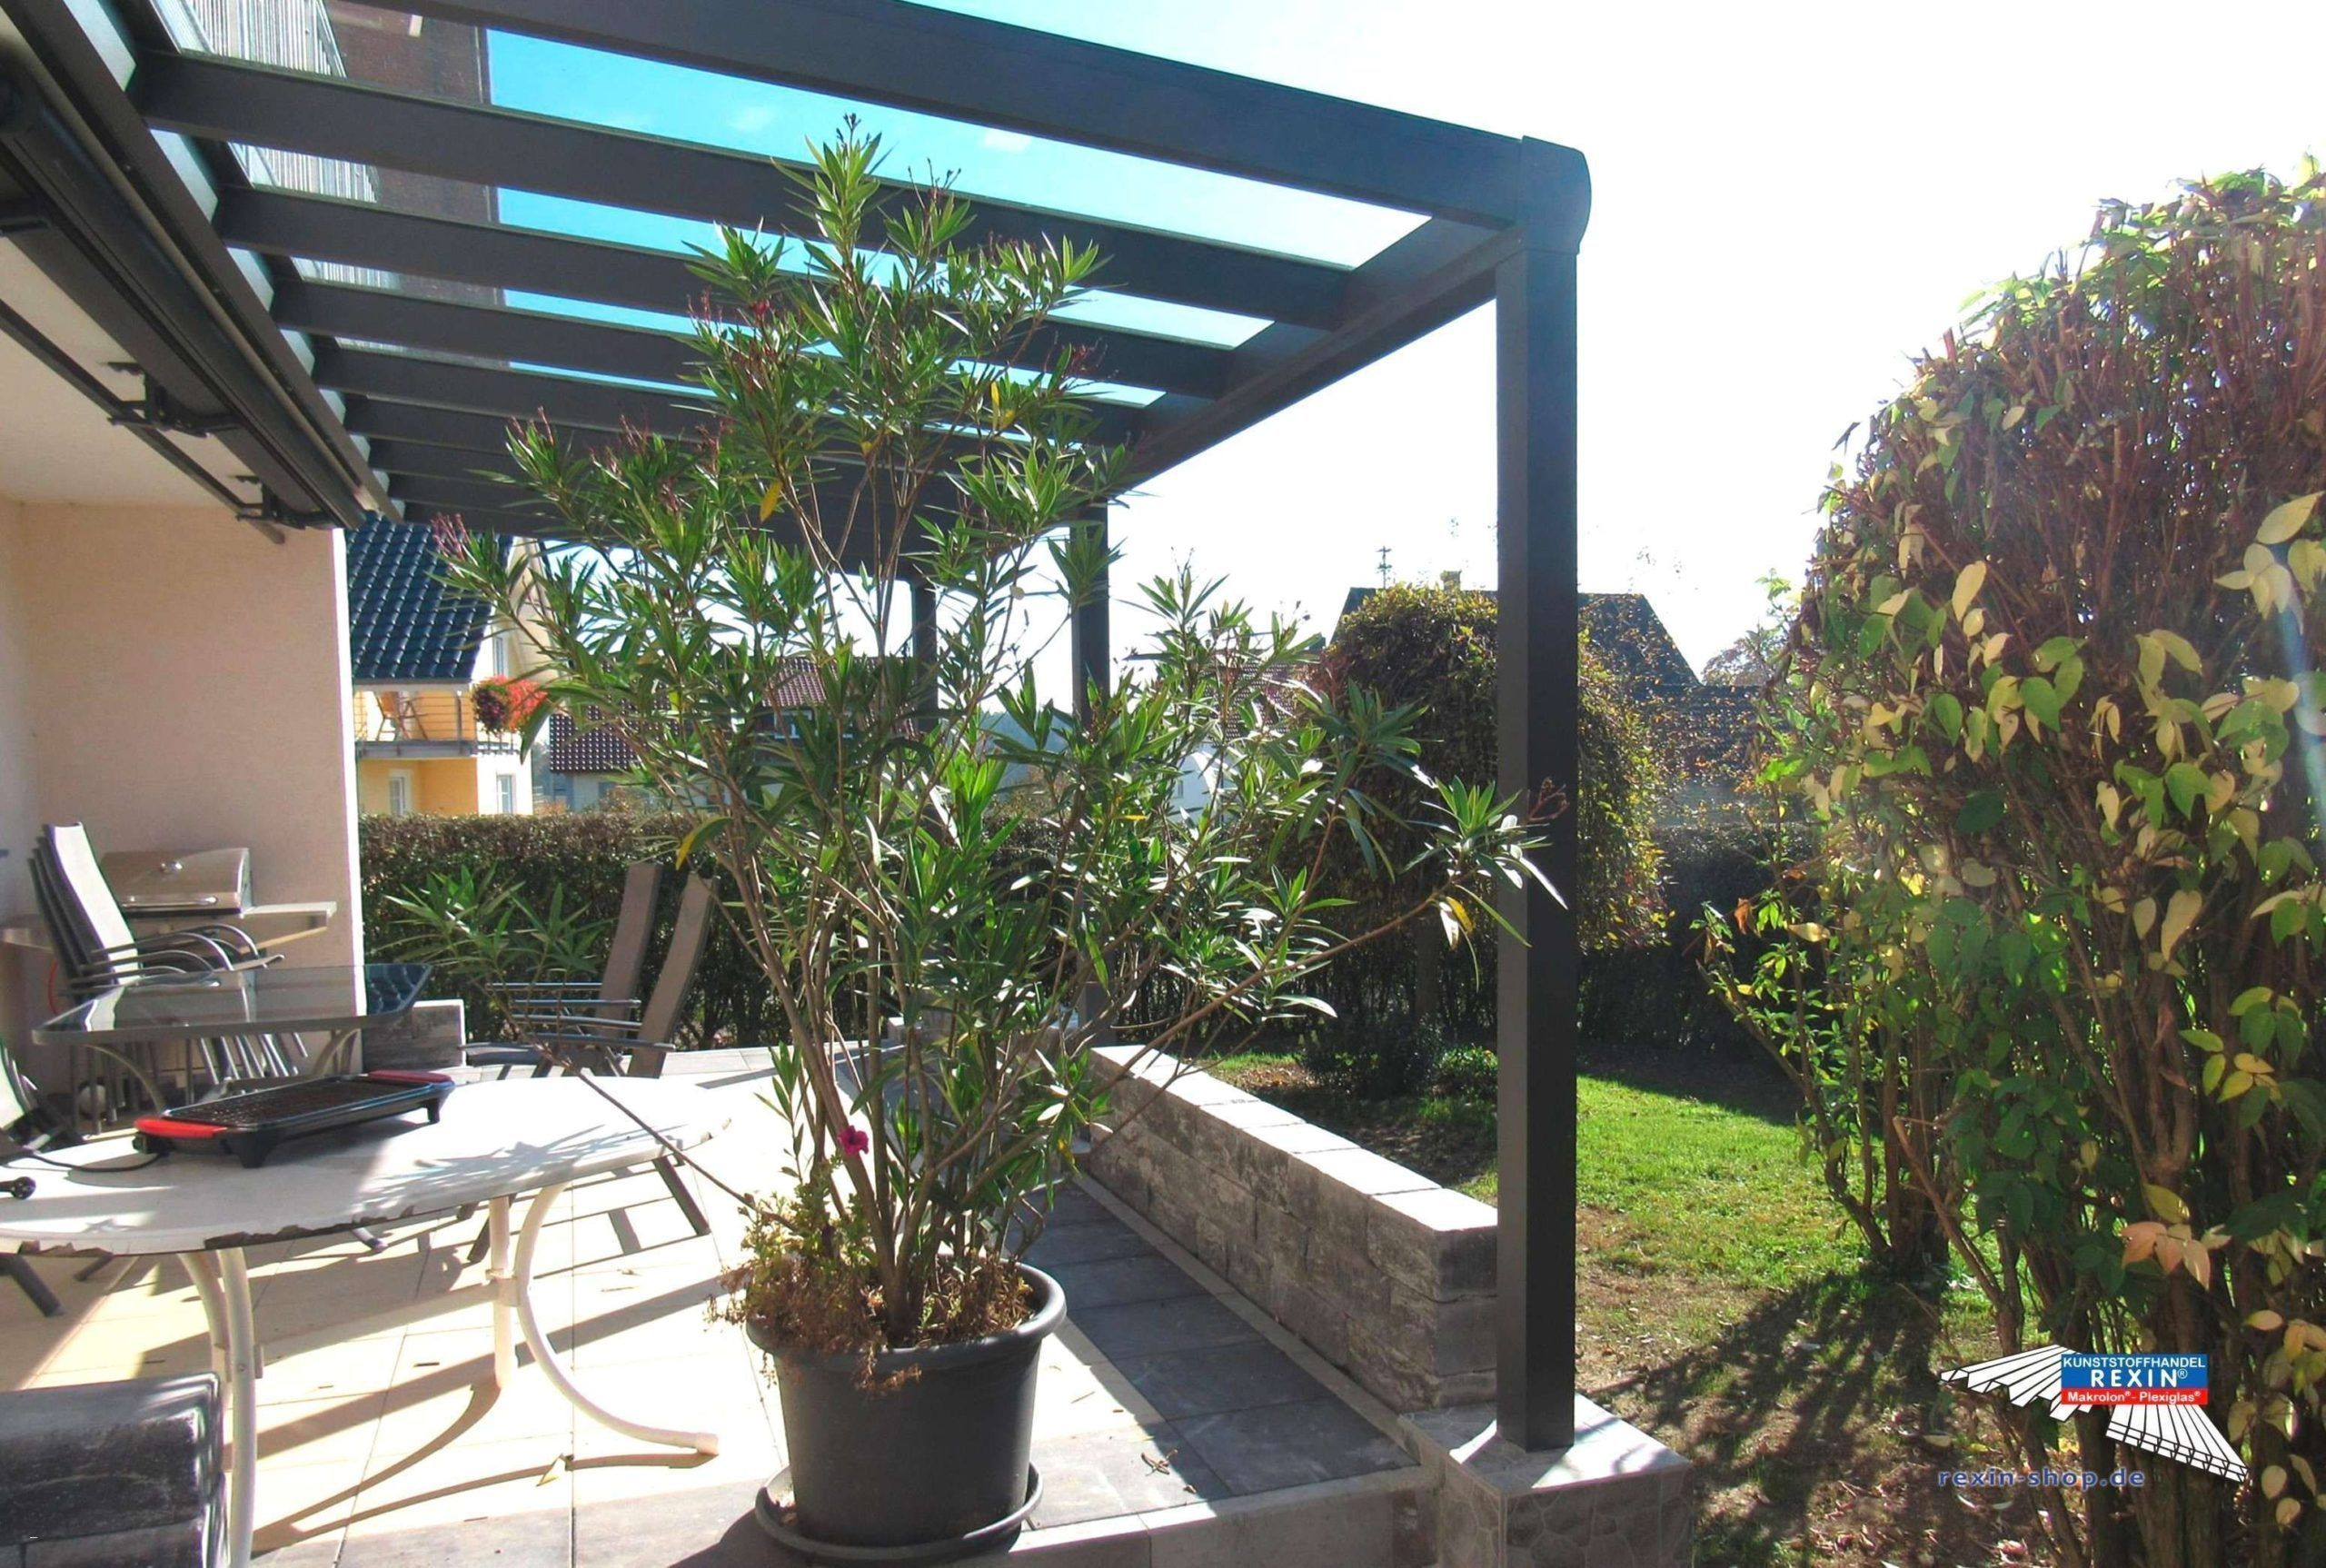 Balkon Fuhrte Beleuchtung Balkon Beleuchtung Ideen Frische Balkon Ideen Luxus Wintergarten In 2020 Zimmergewachshaus Gartendekoration Sonnenschutz Terrasse